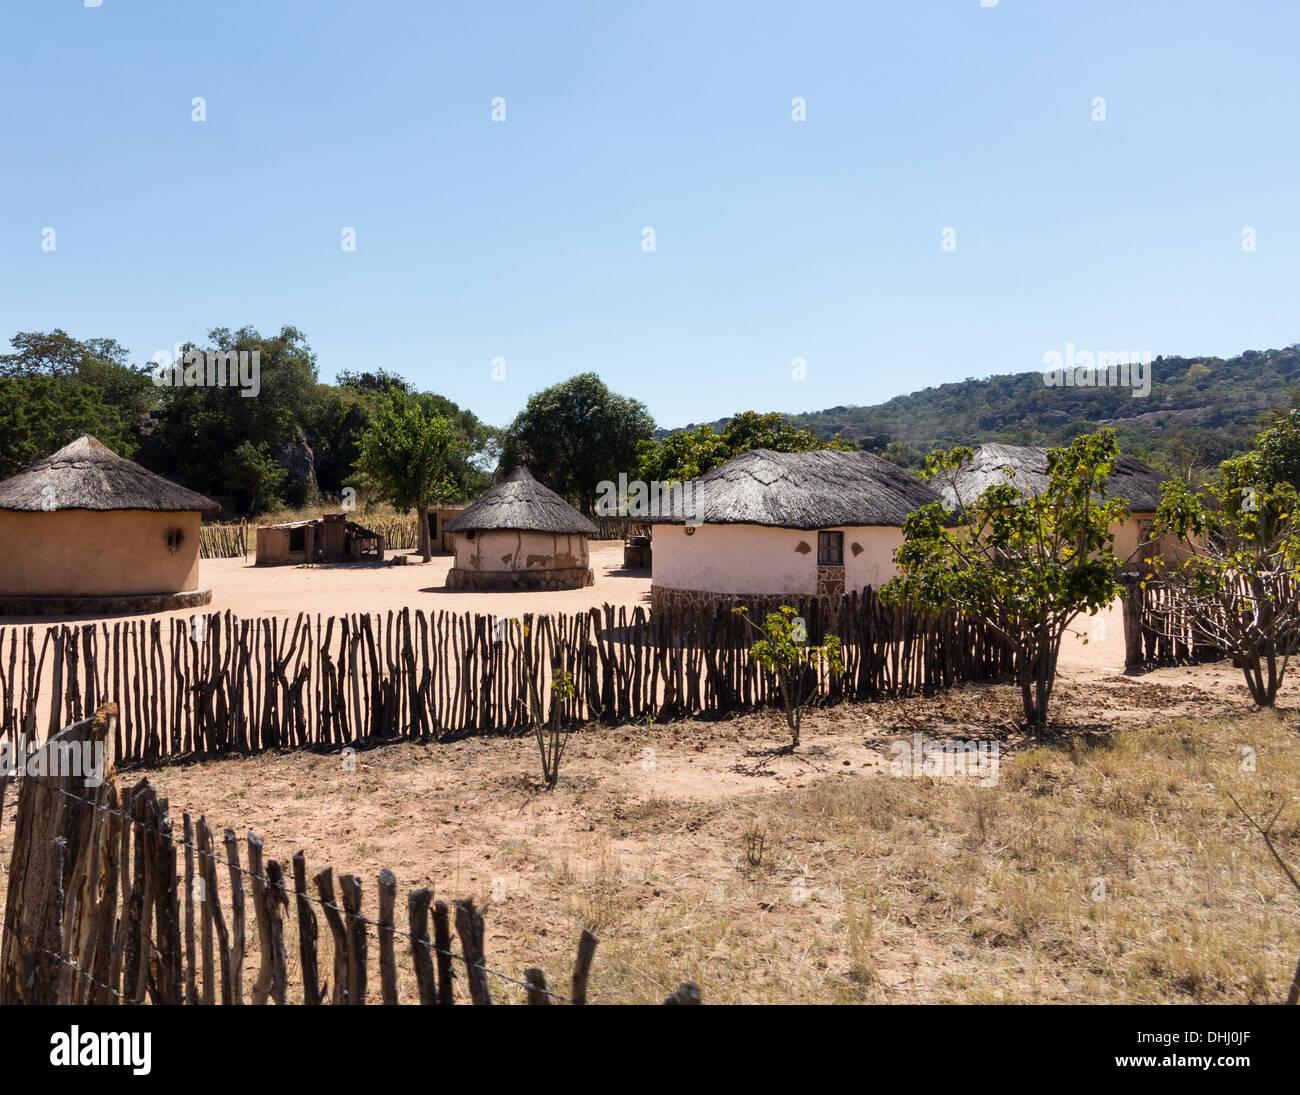 Vue sur les maisons de boue de chaume typique de village africain au Zimbabwe, l'Afrique Photo Stock